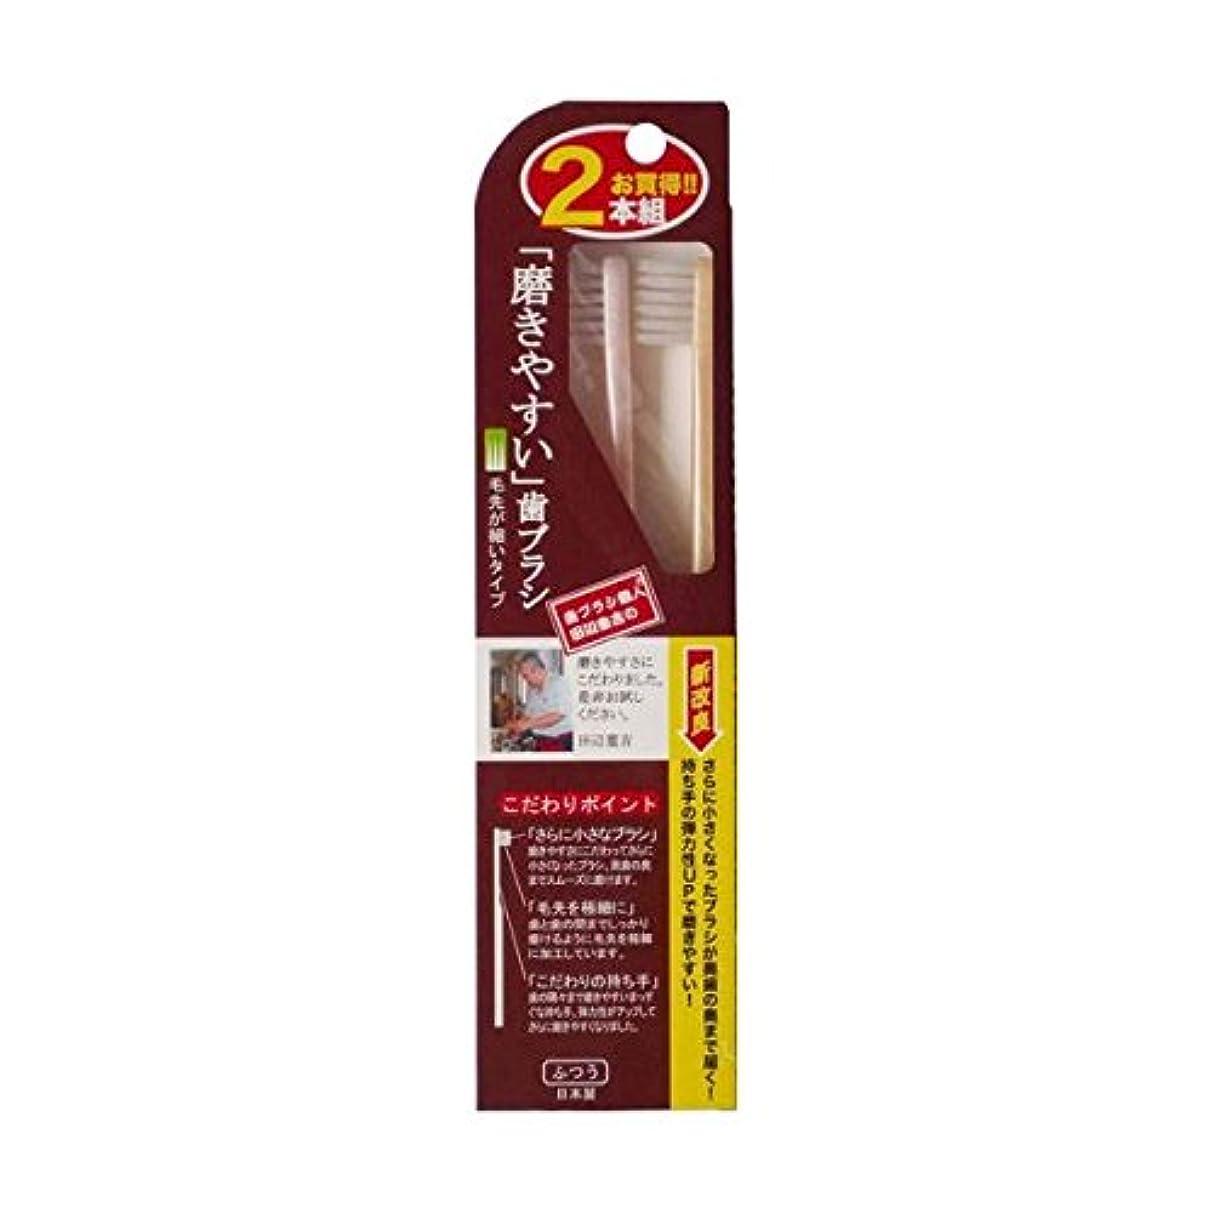 みすぼらしいぺディカブ視線【お徳用 2 セット】 磨きやすい歯ブラシ 先細 LT-07 2本組×2セット